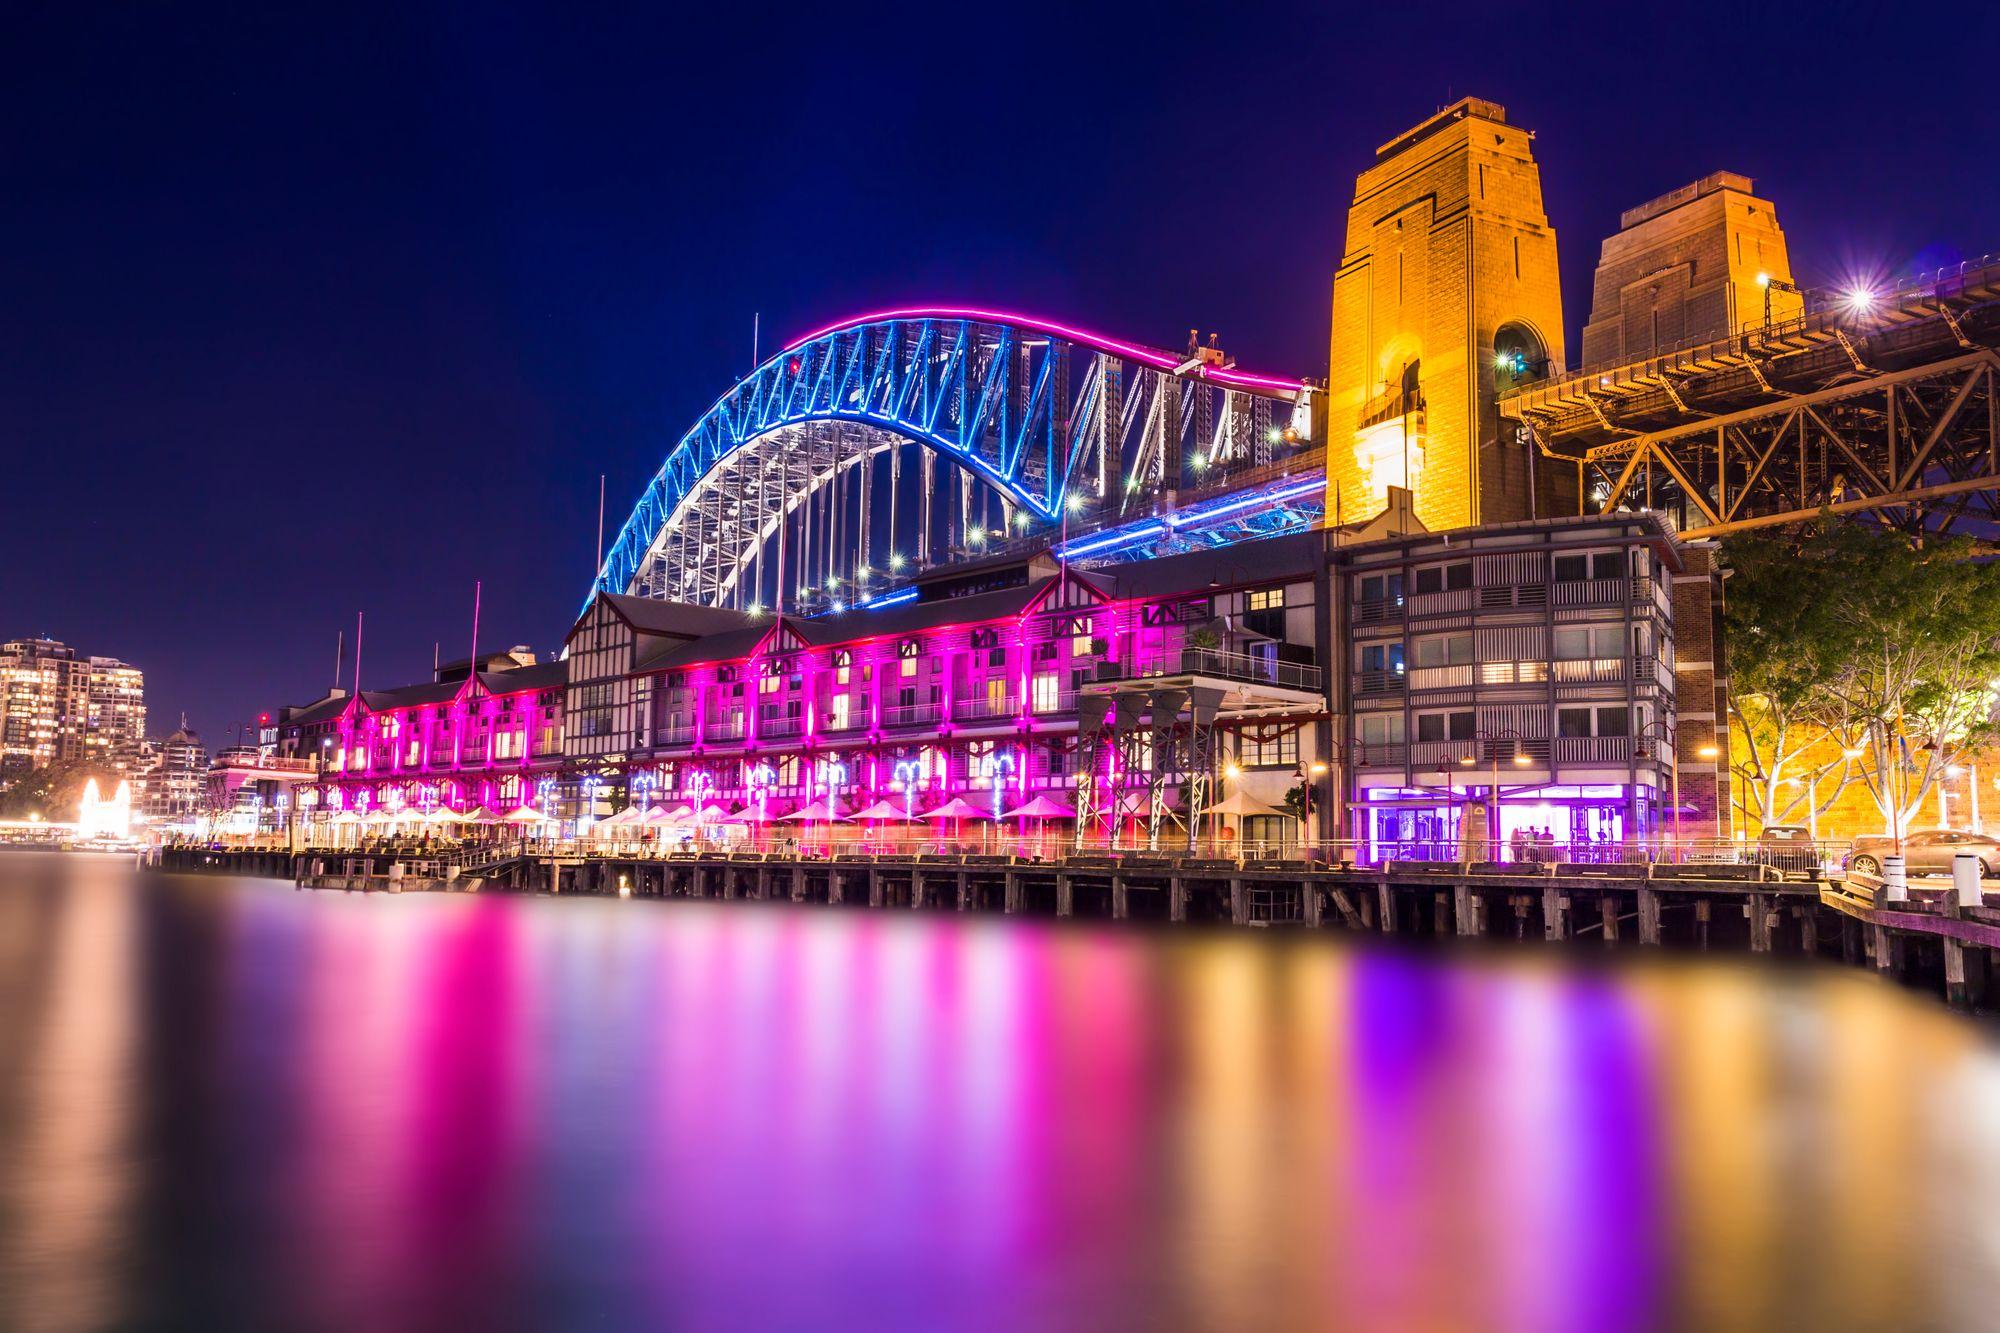 10 Sydney, Australia vacation rental alternatives for Vivid Sydney festival 2021